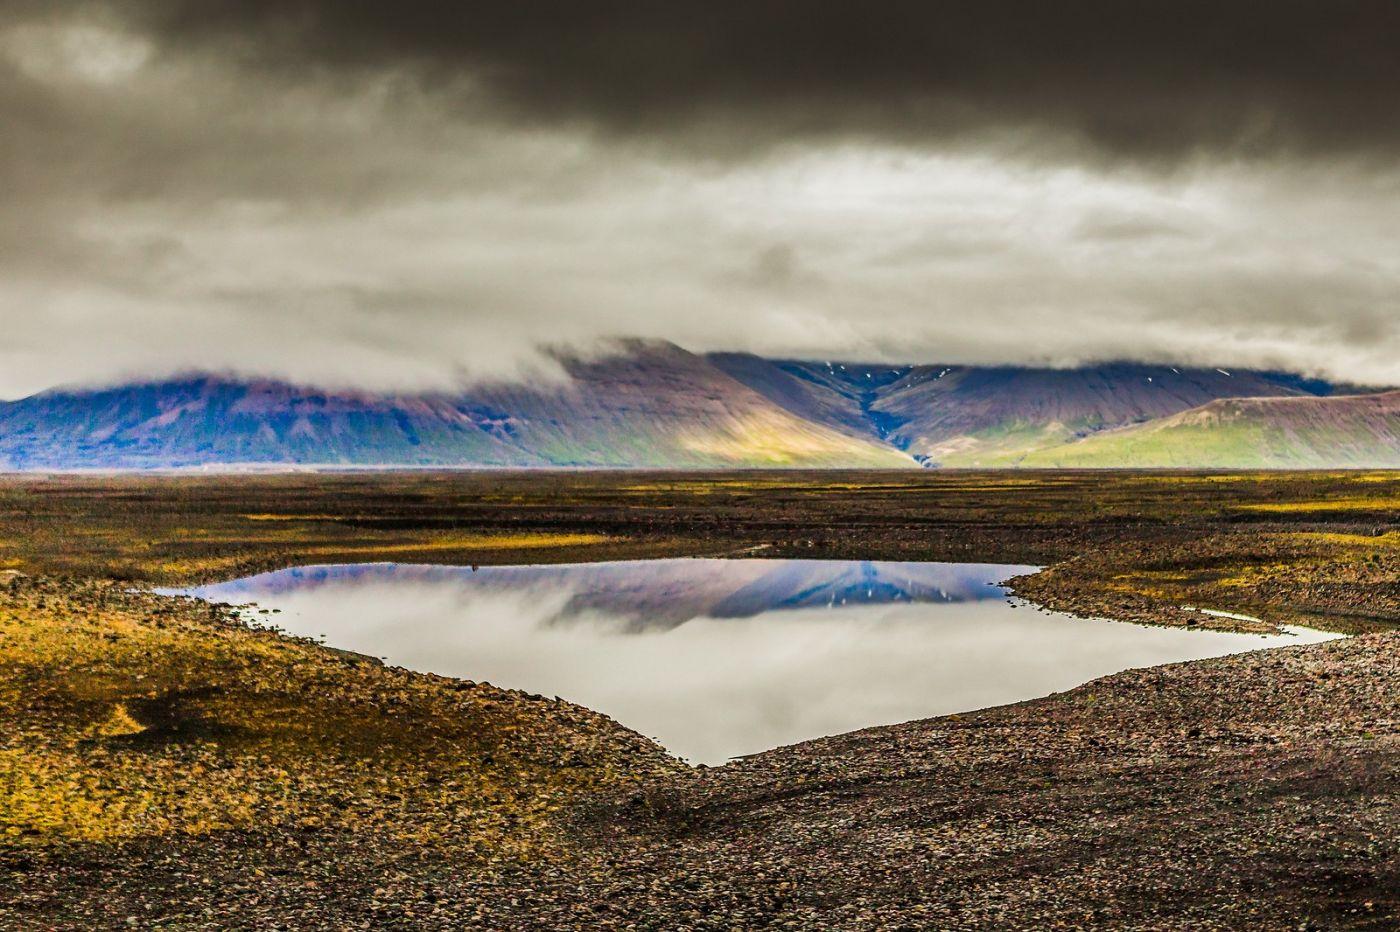 冰岛风采,那一片水景_图1-19